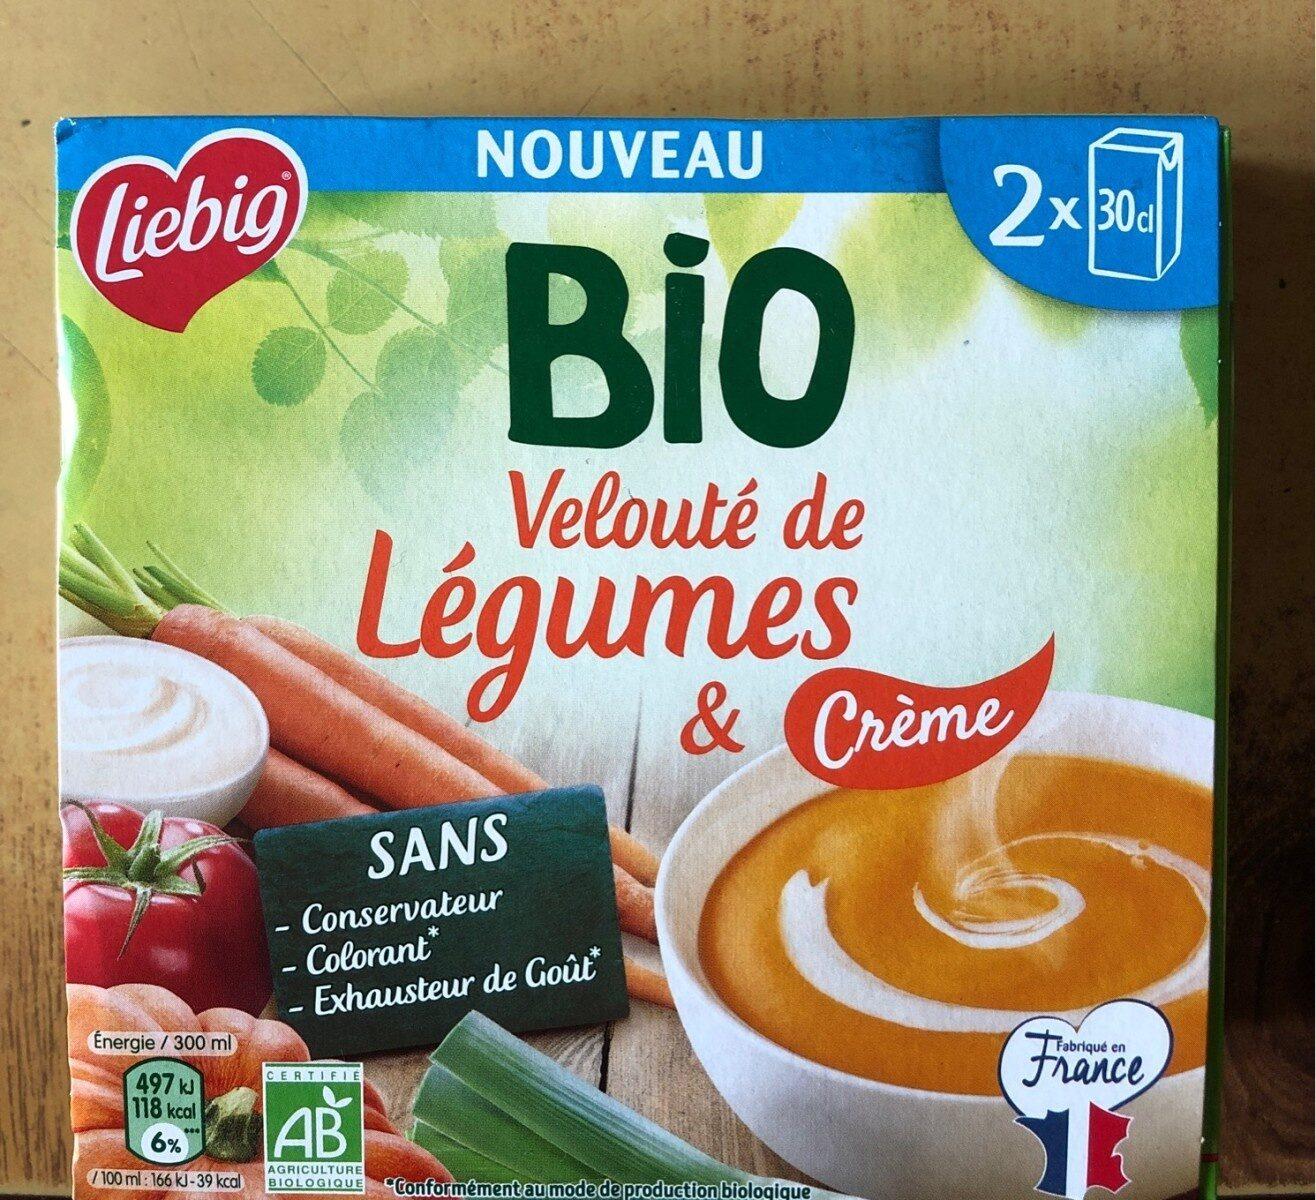 Velouté de légumes - Product - fr